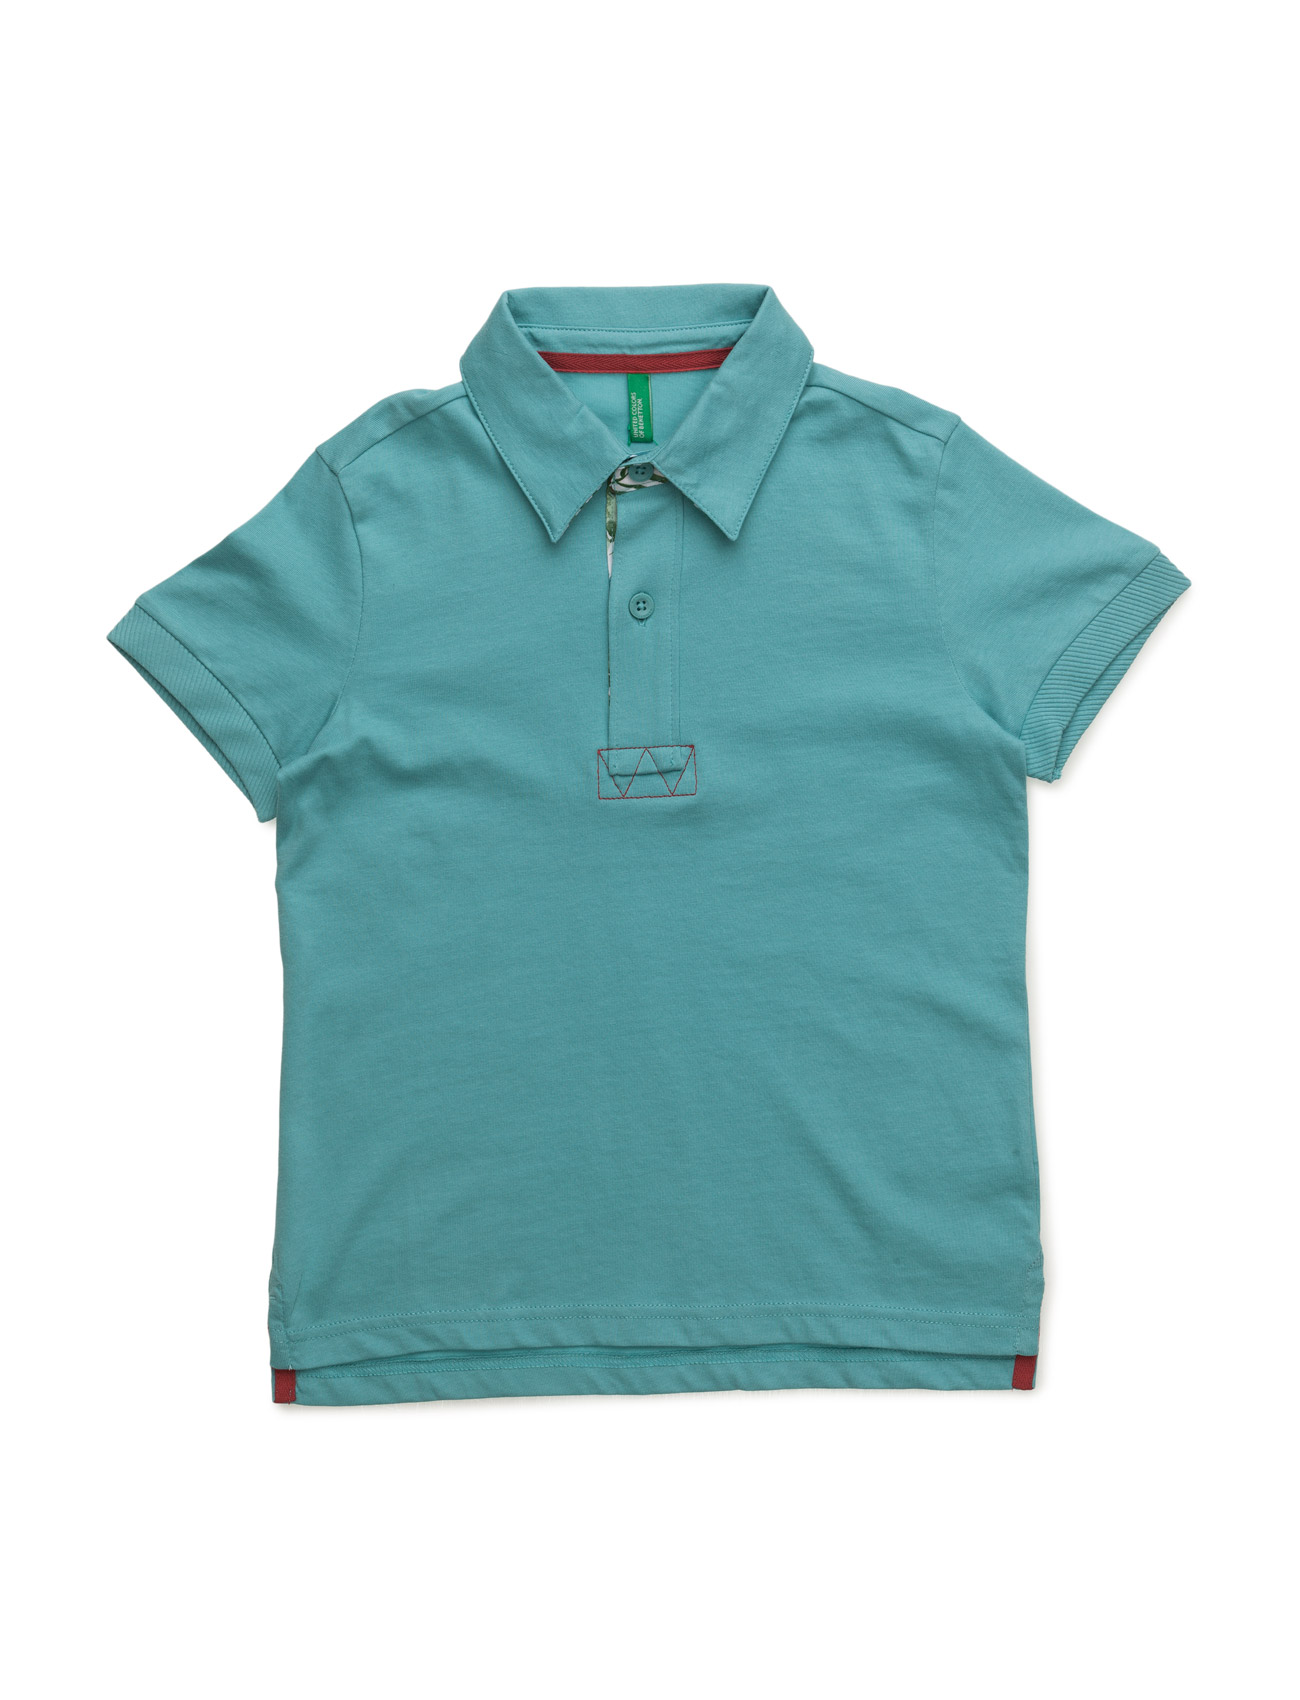 H/S Polo Shirt United Colors of Benetton Kortærmede t-shirts til Børn i Grå